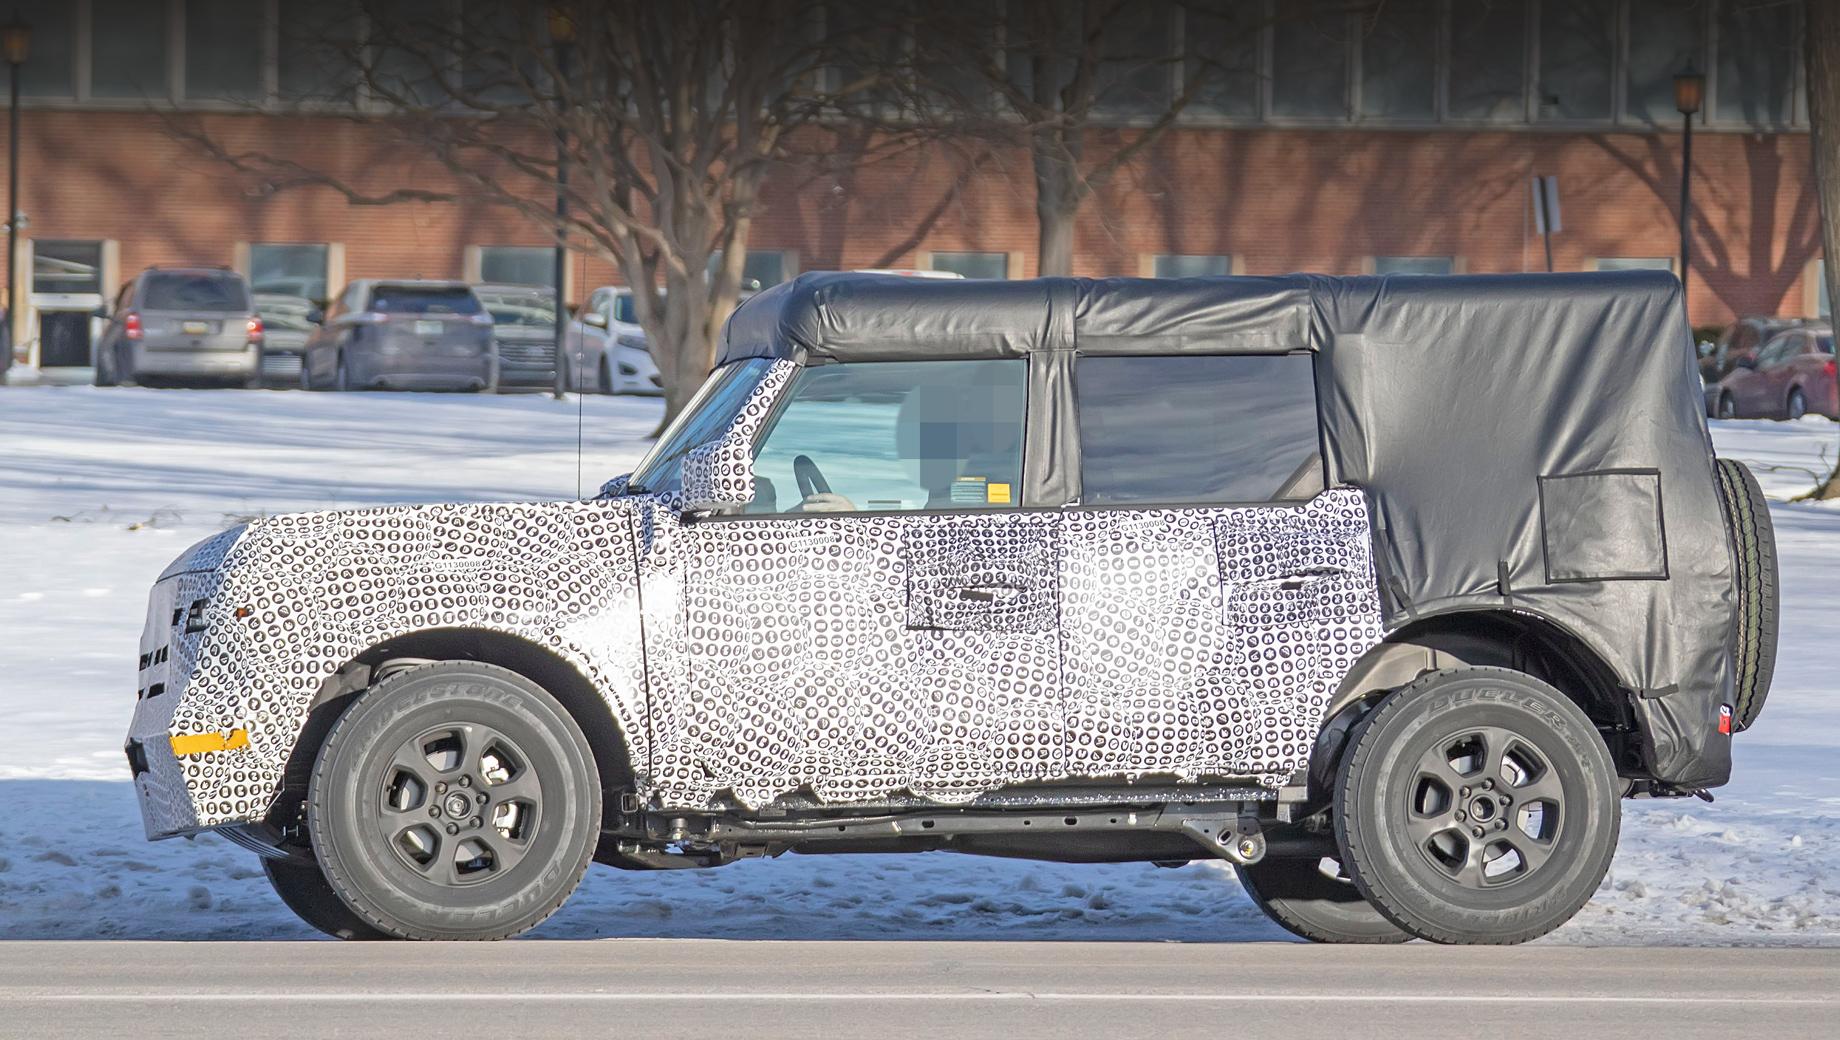 Ford bronco. Лобовое стекло установлено относительно близко к вертикали, форма передних крыльев и капота напоминает о линиях, присущих прежнему Bronco, особенно в восьмидесятых. Огромные накладки на крыше и задней стойке пока не позволяют оценить силуэт.